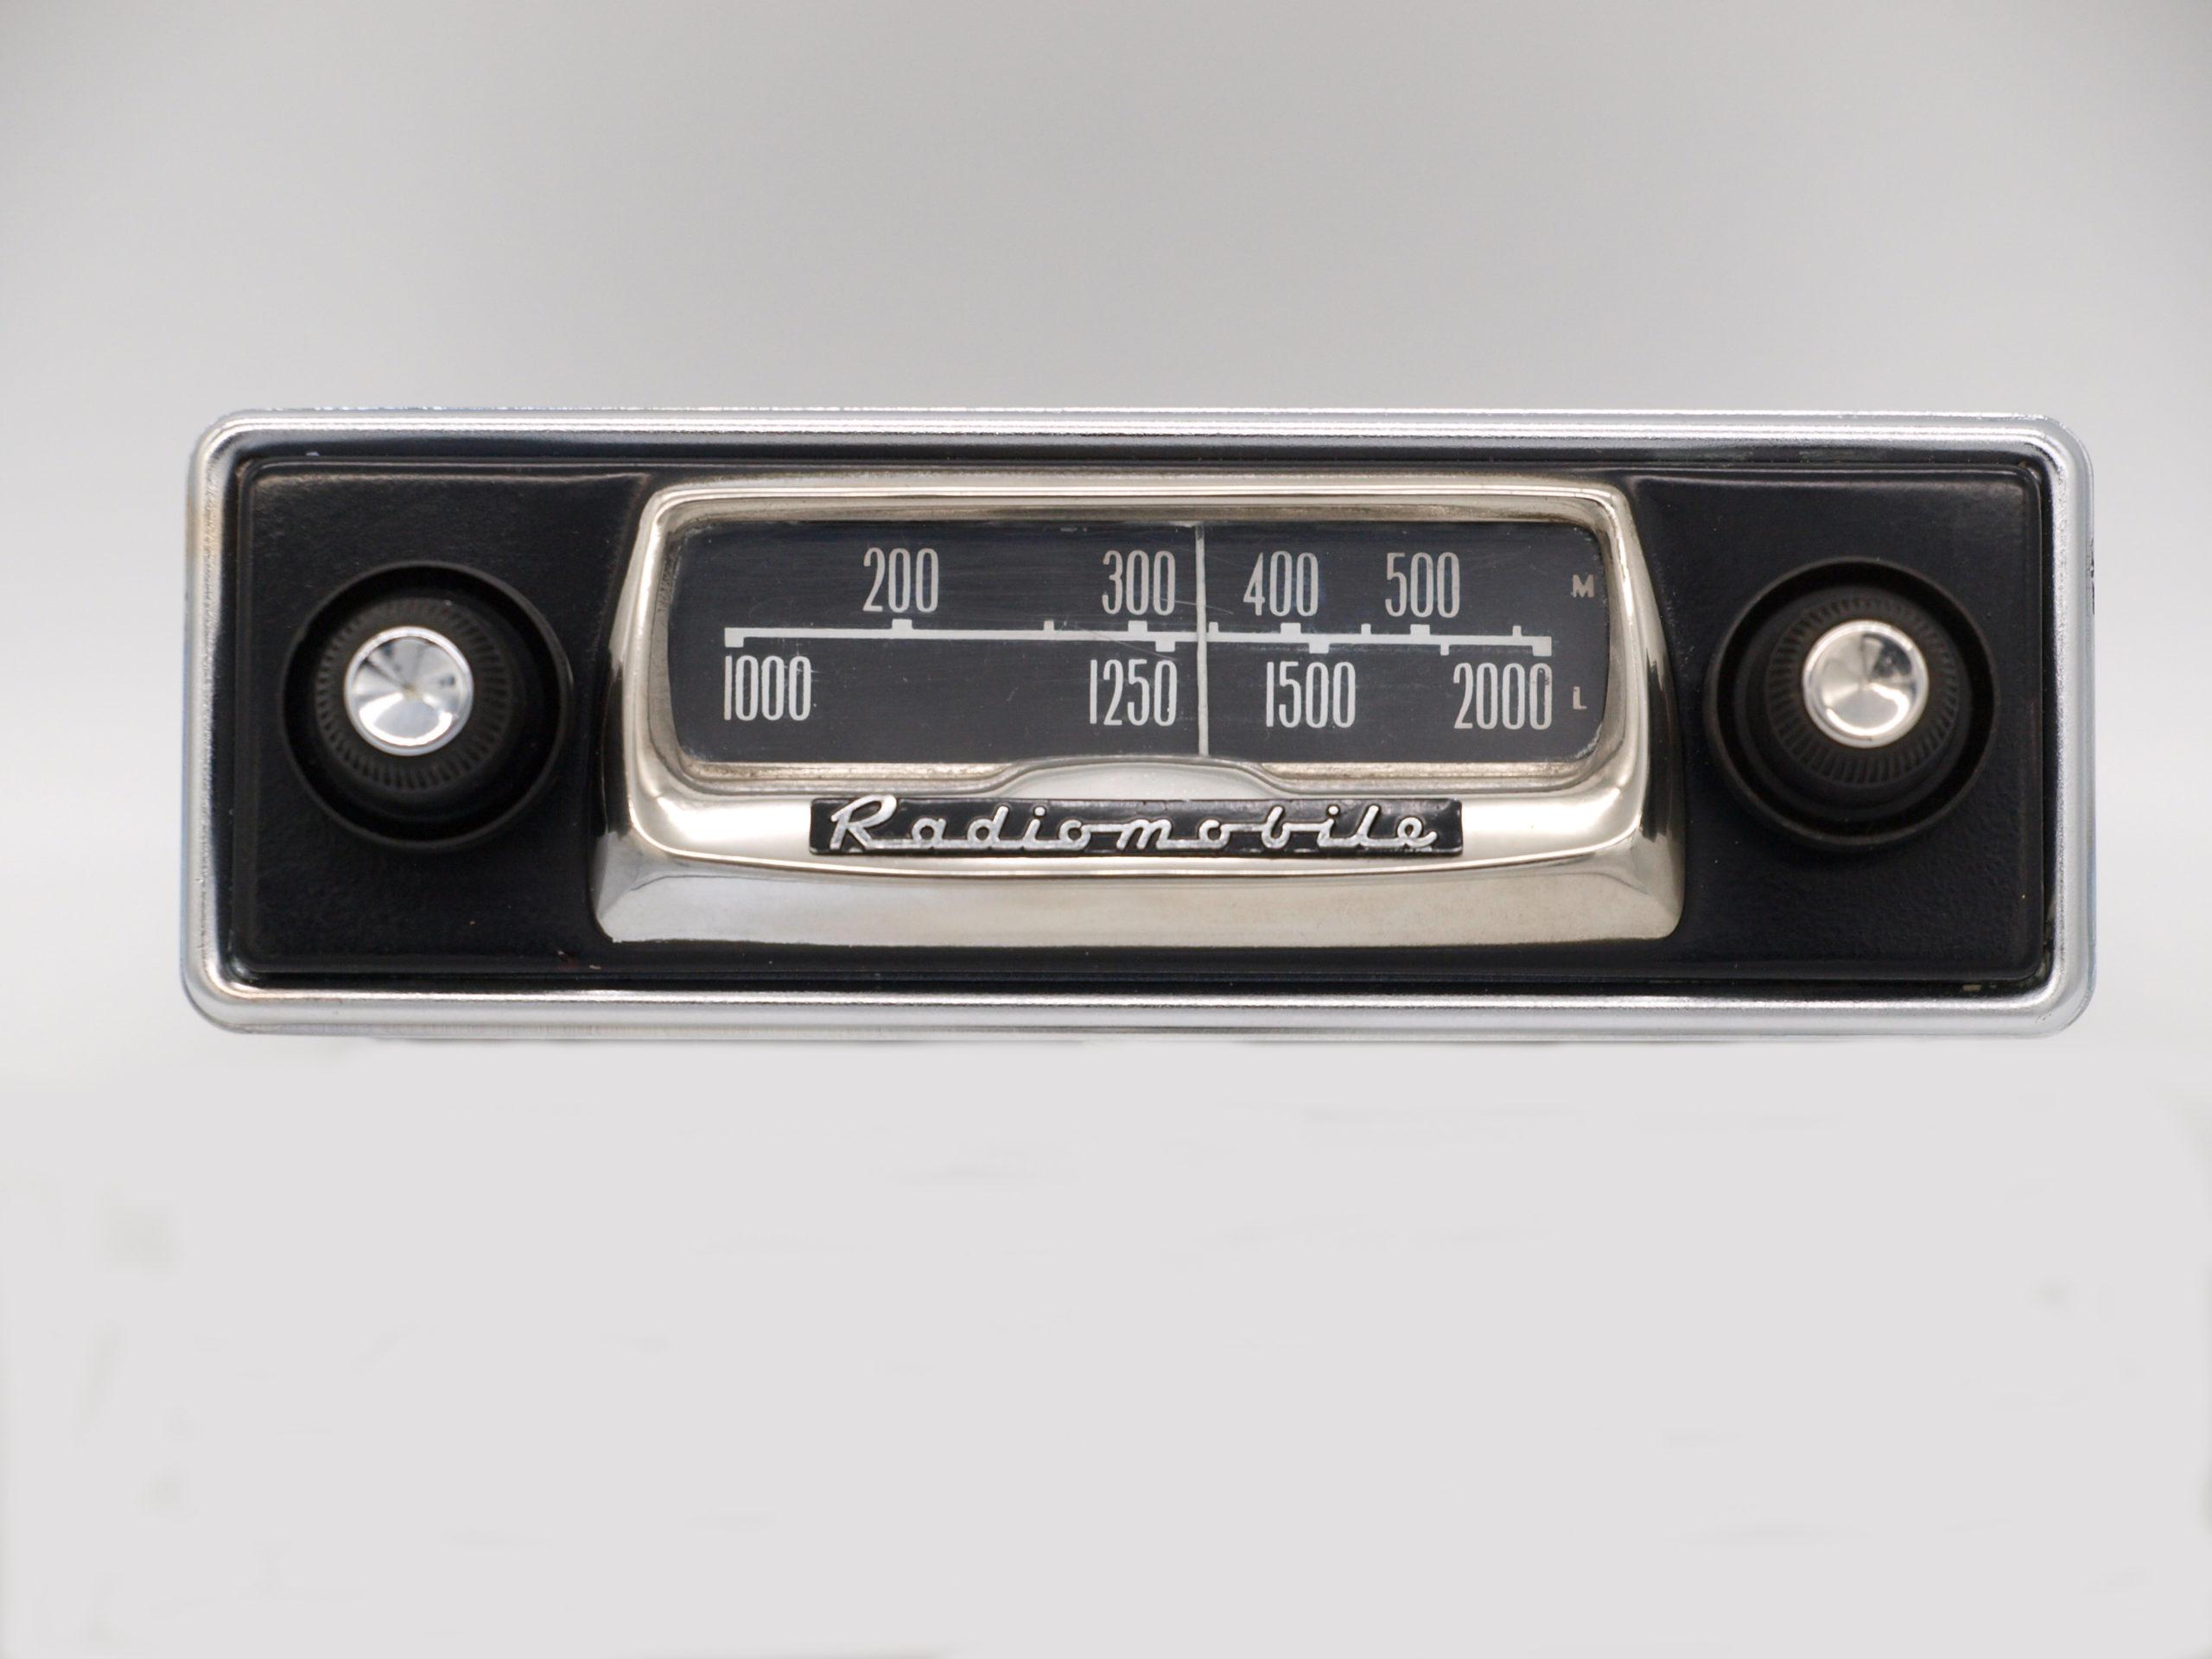 Radiomobile 50T FM